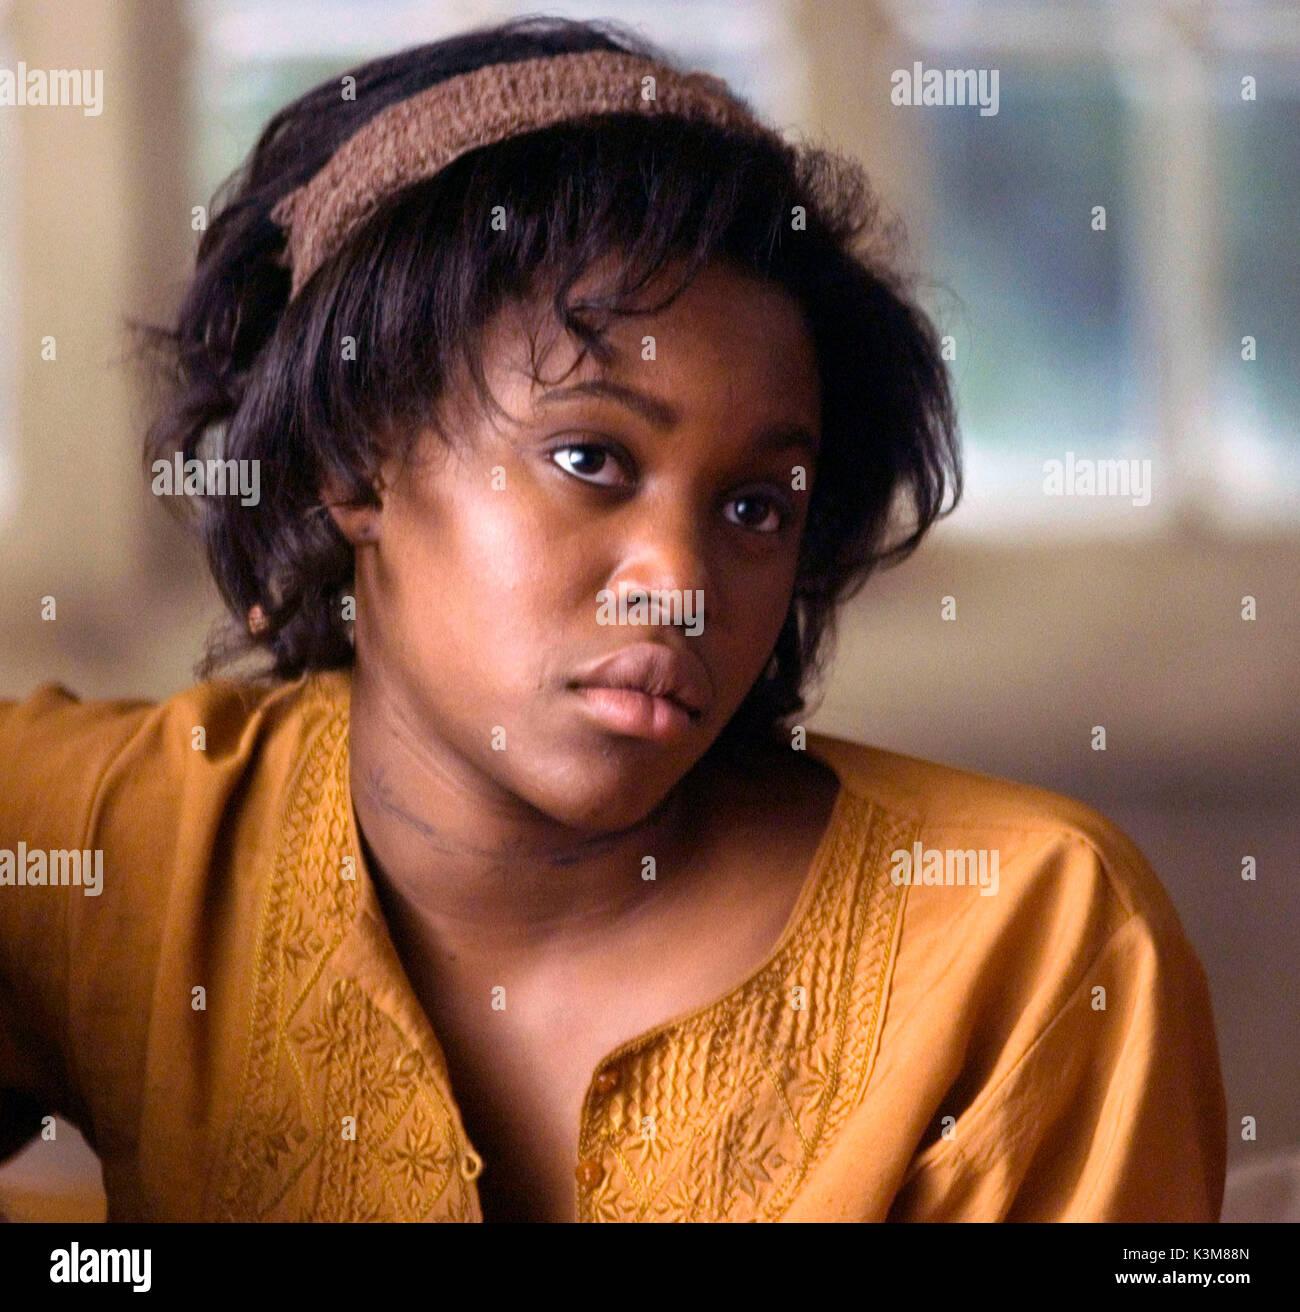 Clare-Hope Ashitey Clare-Hope Ashitey new pics